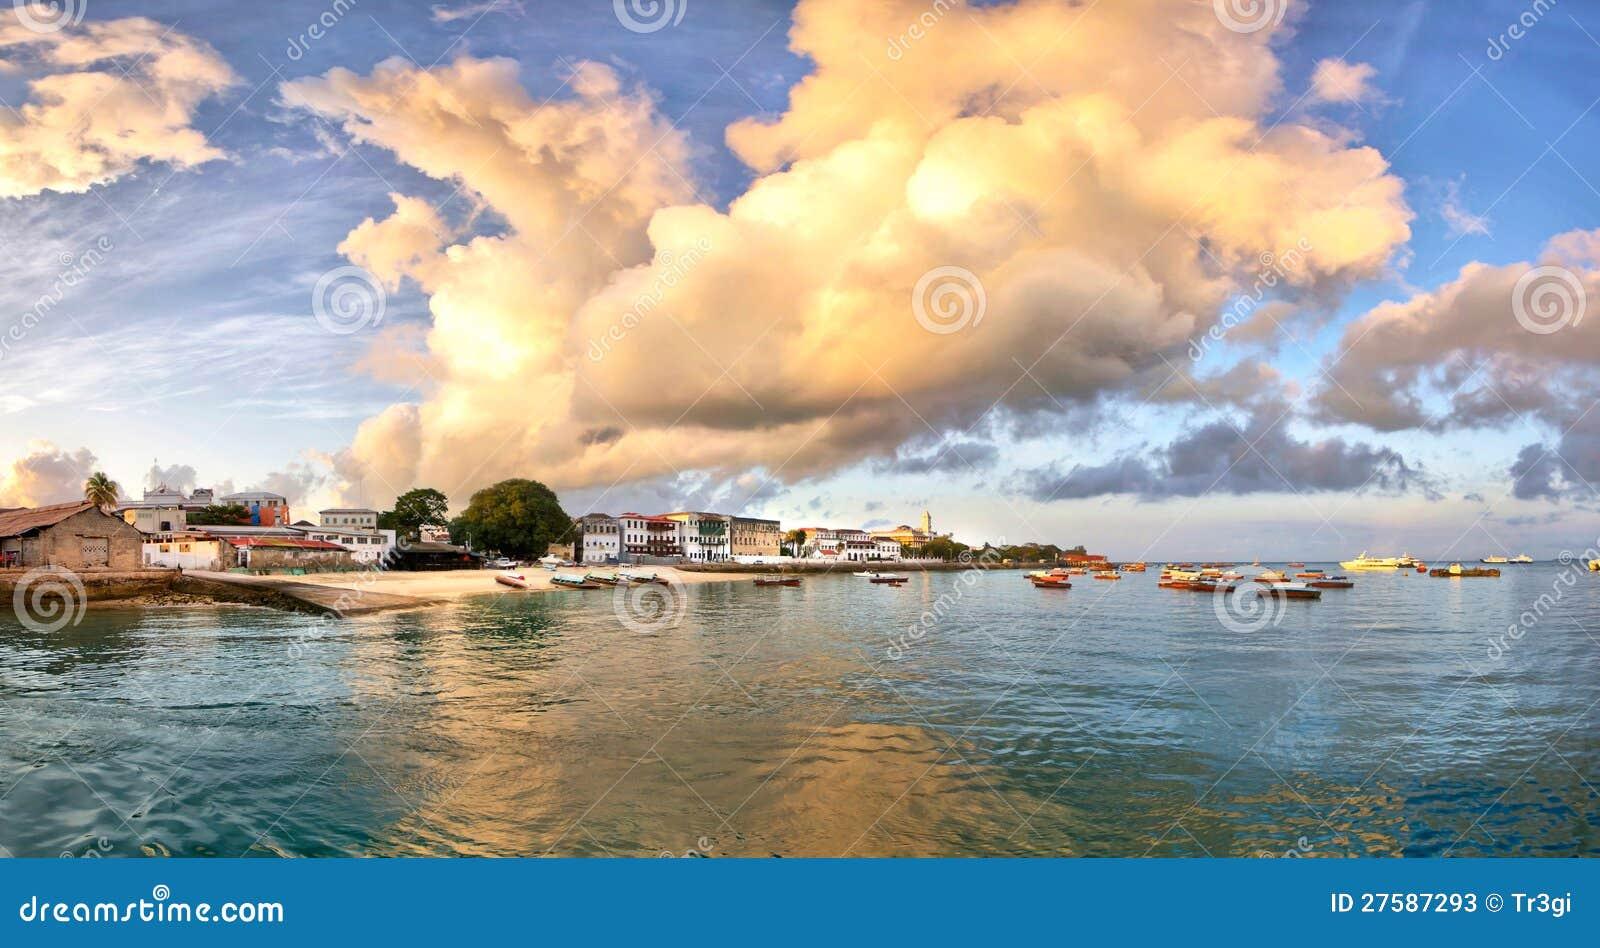 Panorama van de Stad van de Steen op het eiland van Zanzibar